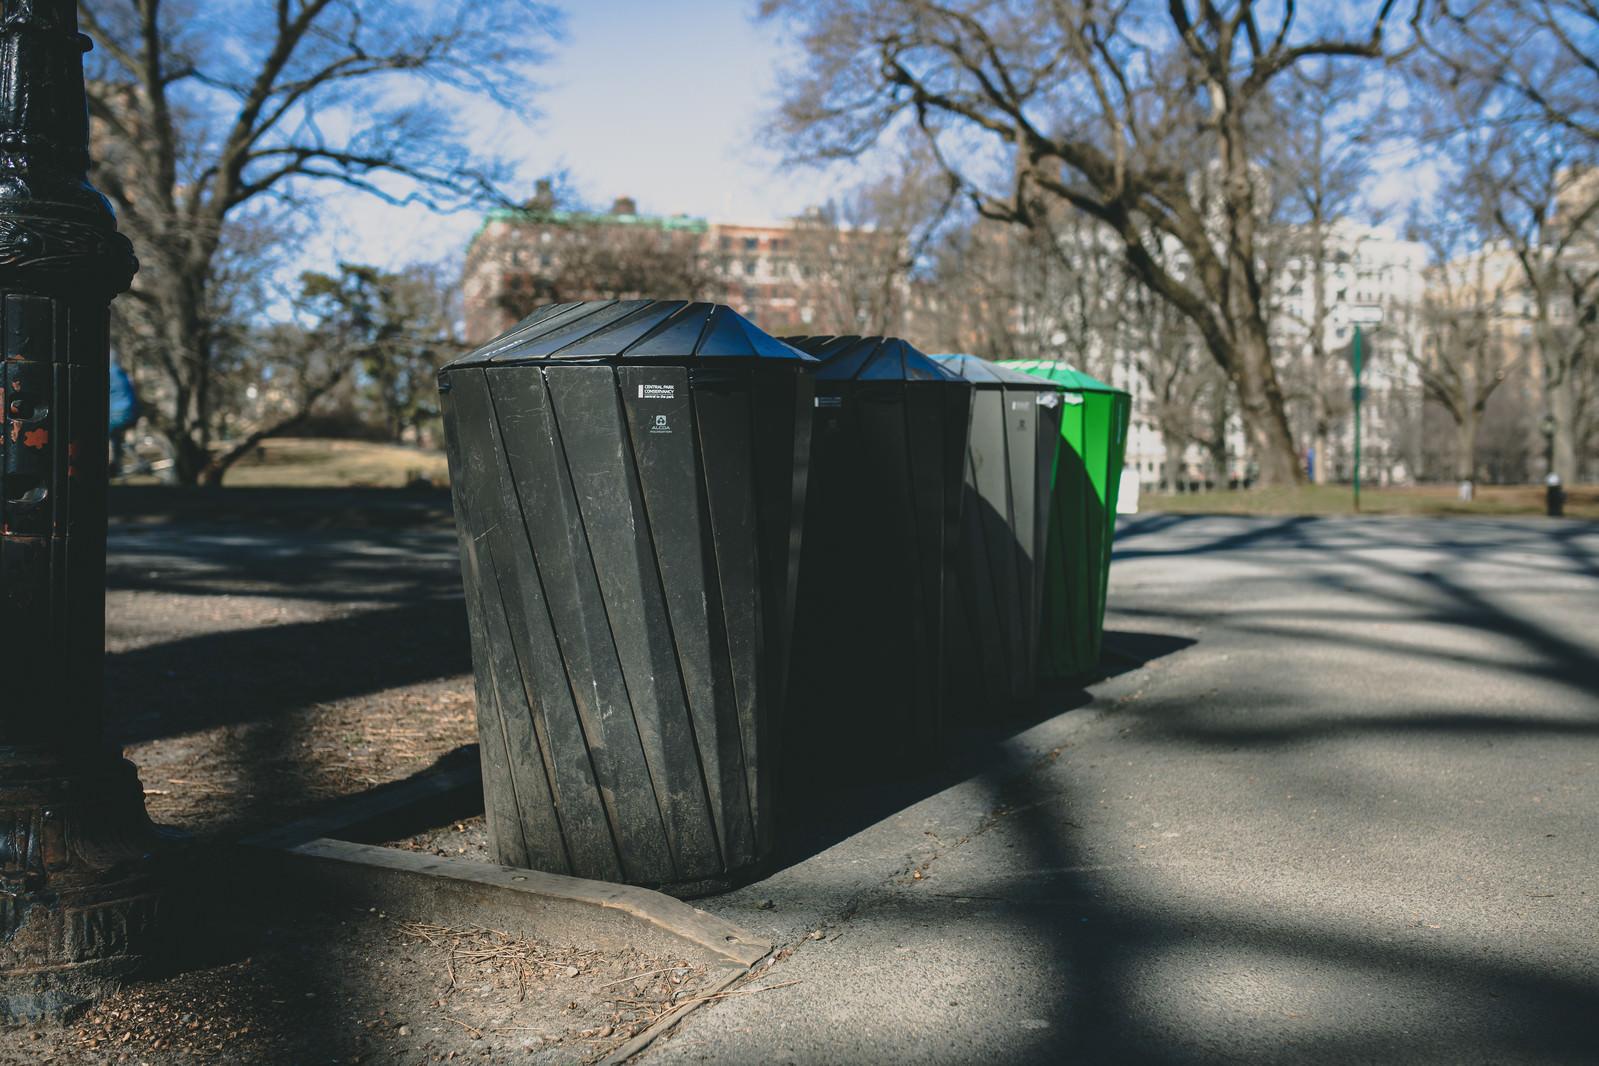 「公園に置かれたゴミ箱」の写真